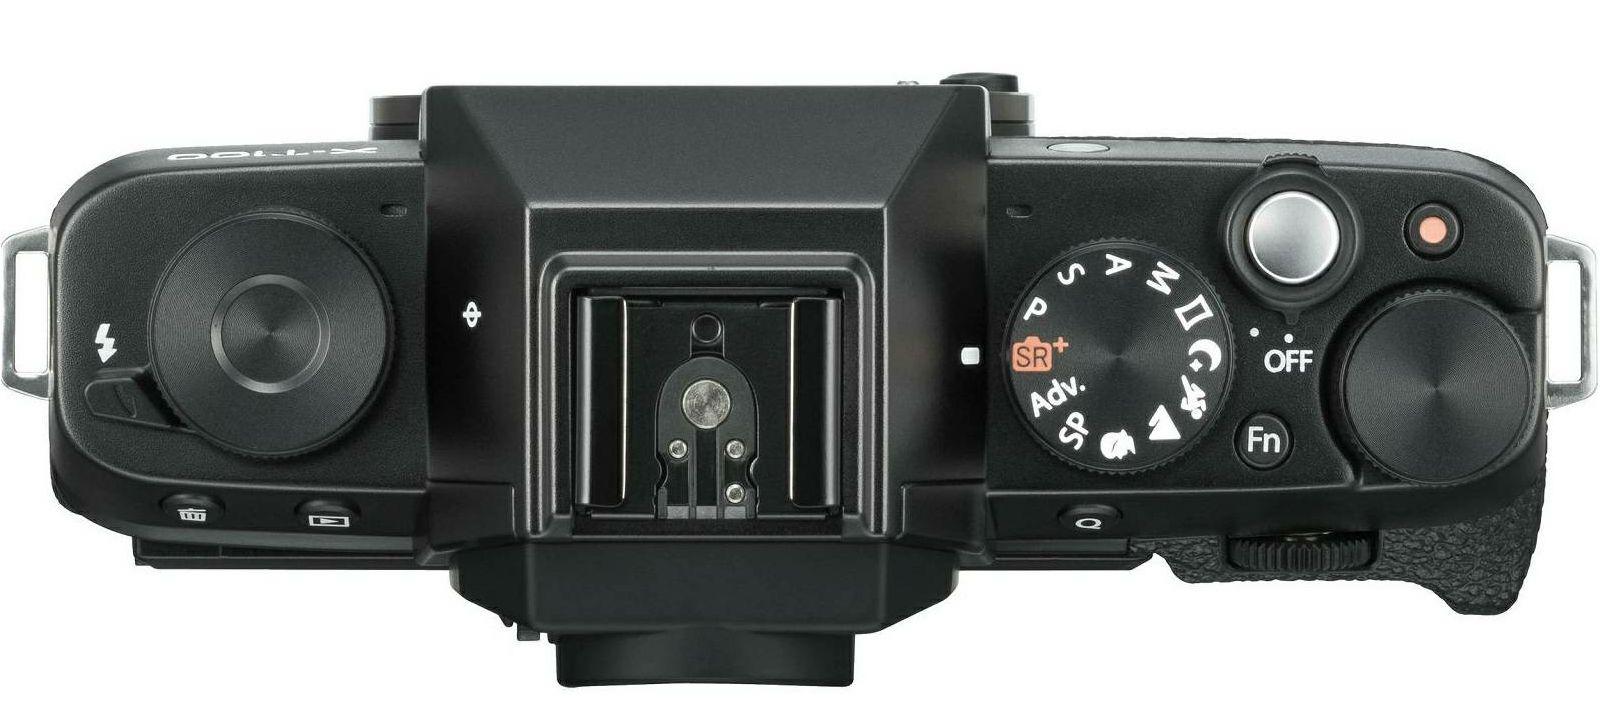 fujifilm x t100 xc 15 45 f 3 5 5 6 ois pz kit black crni digitalni rh canosa com hr Olympus Camera Accessories Olympus Digital Camera 6.0 Megapixel